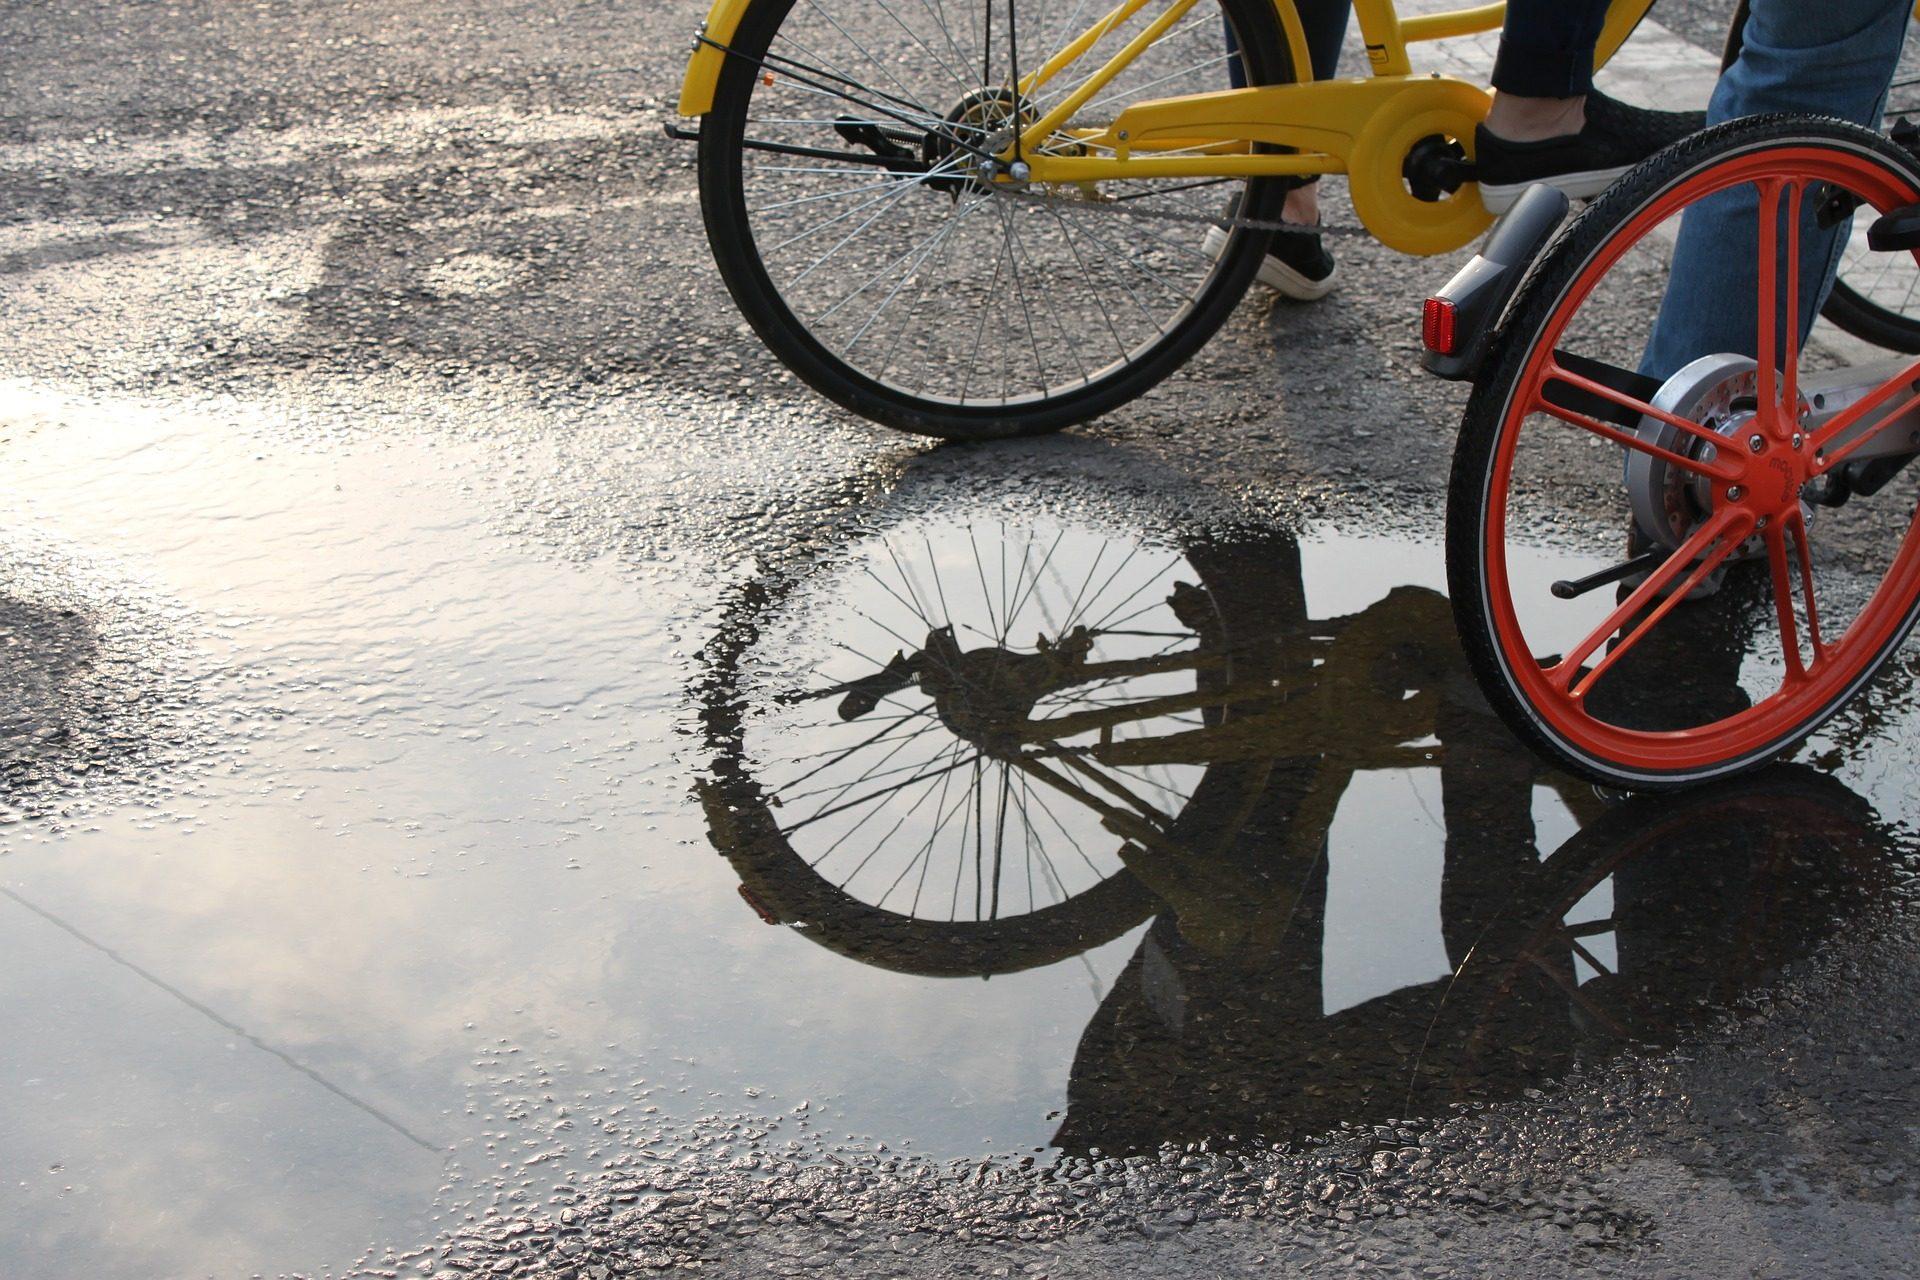 bicyclettes, roues, flaque d'eau, réflexion, eau - Fonds d'écran HD - Professor-falken.com